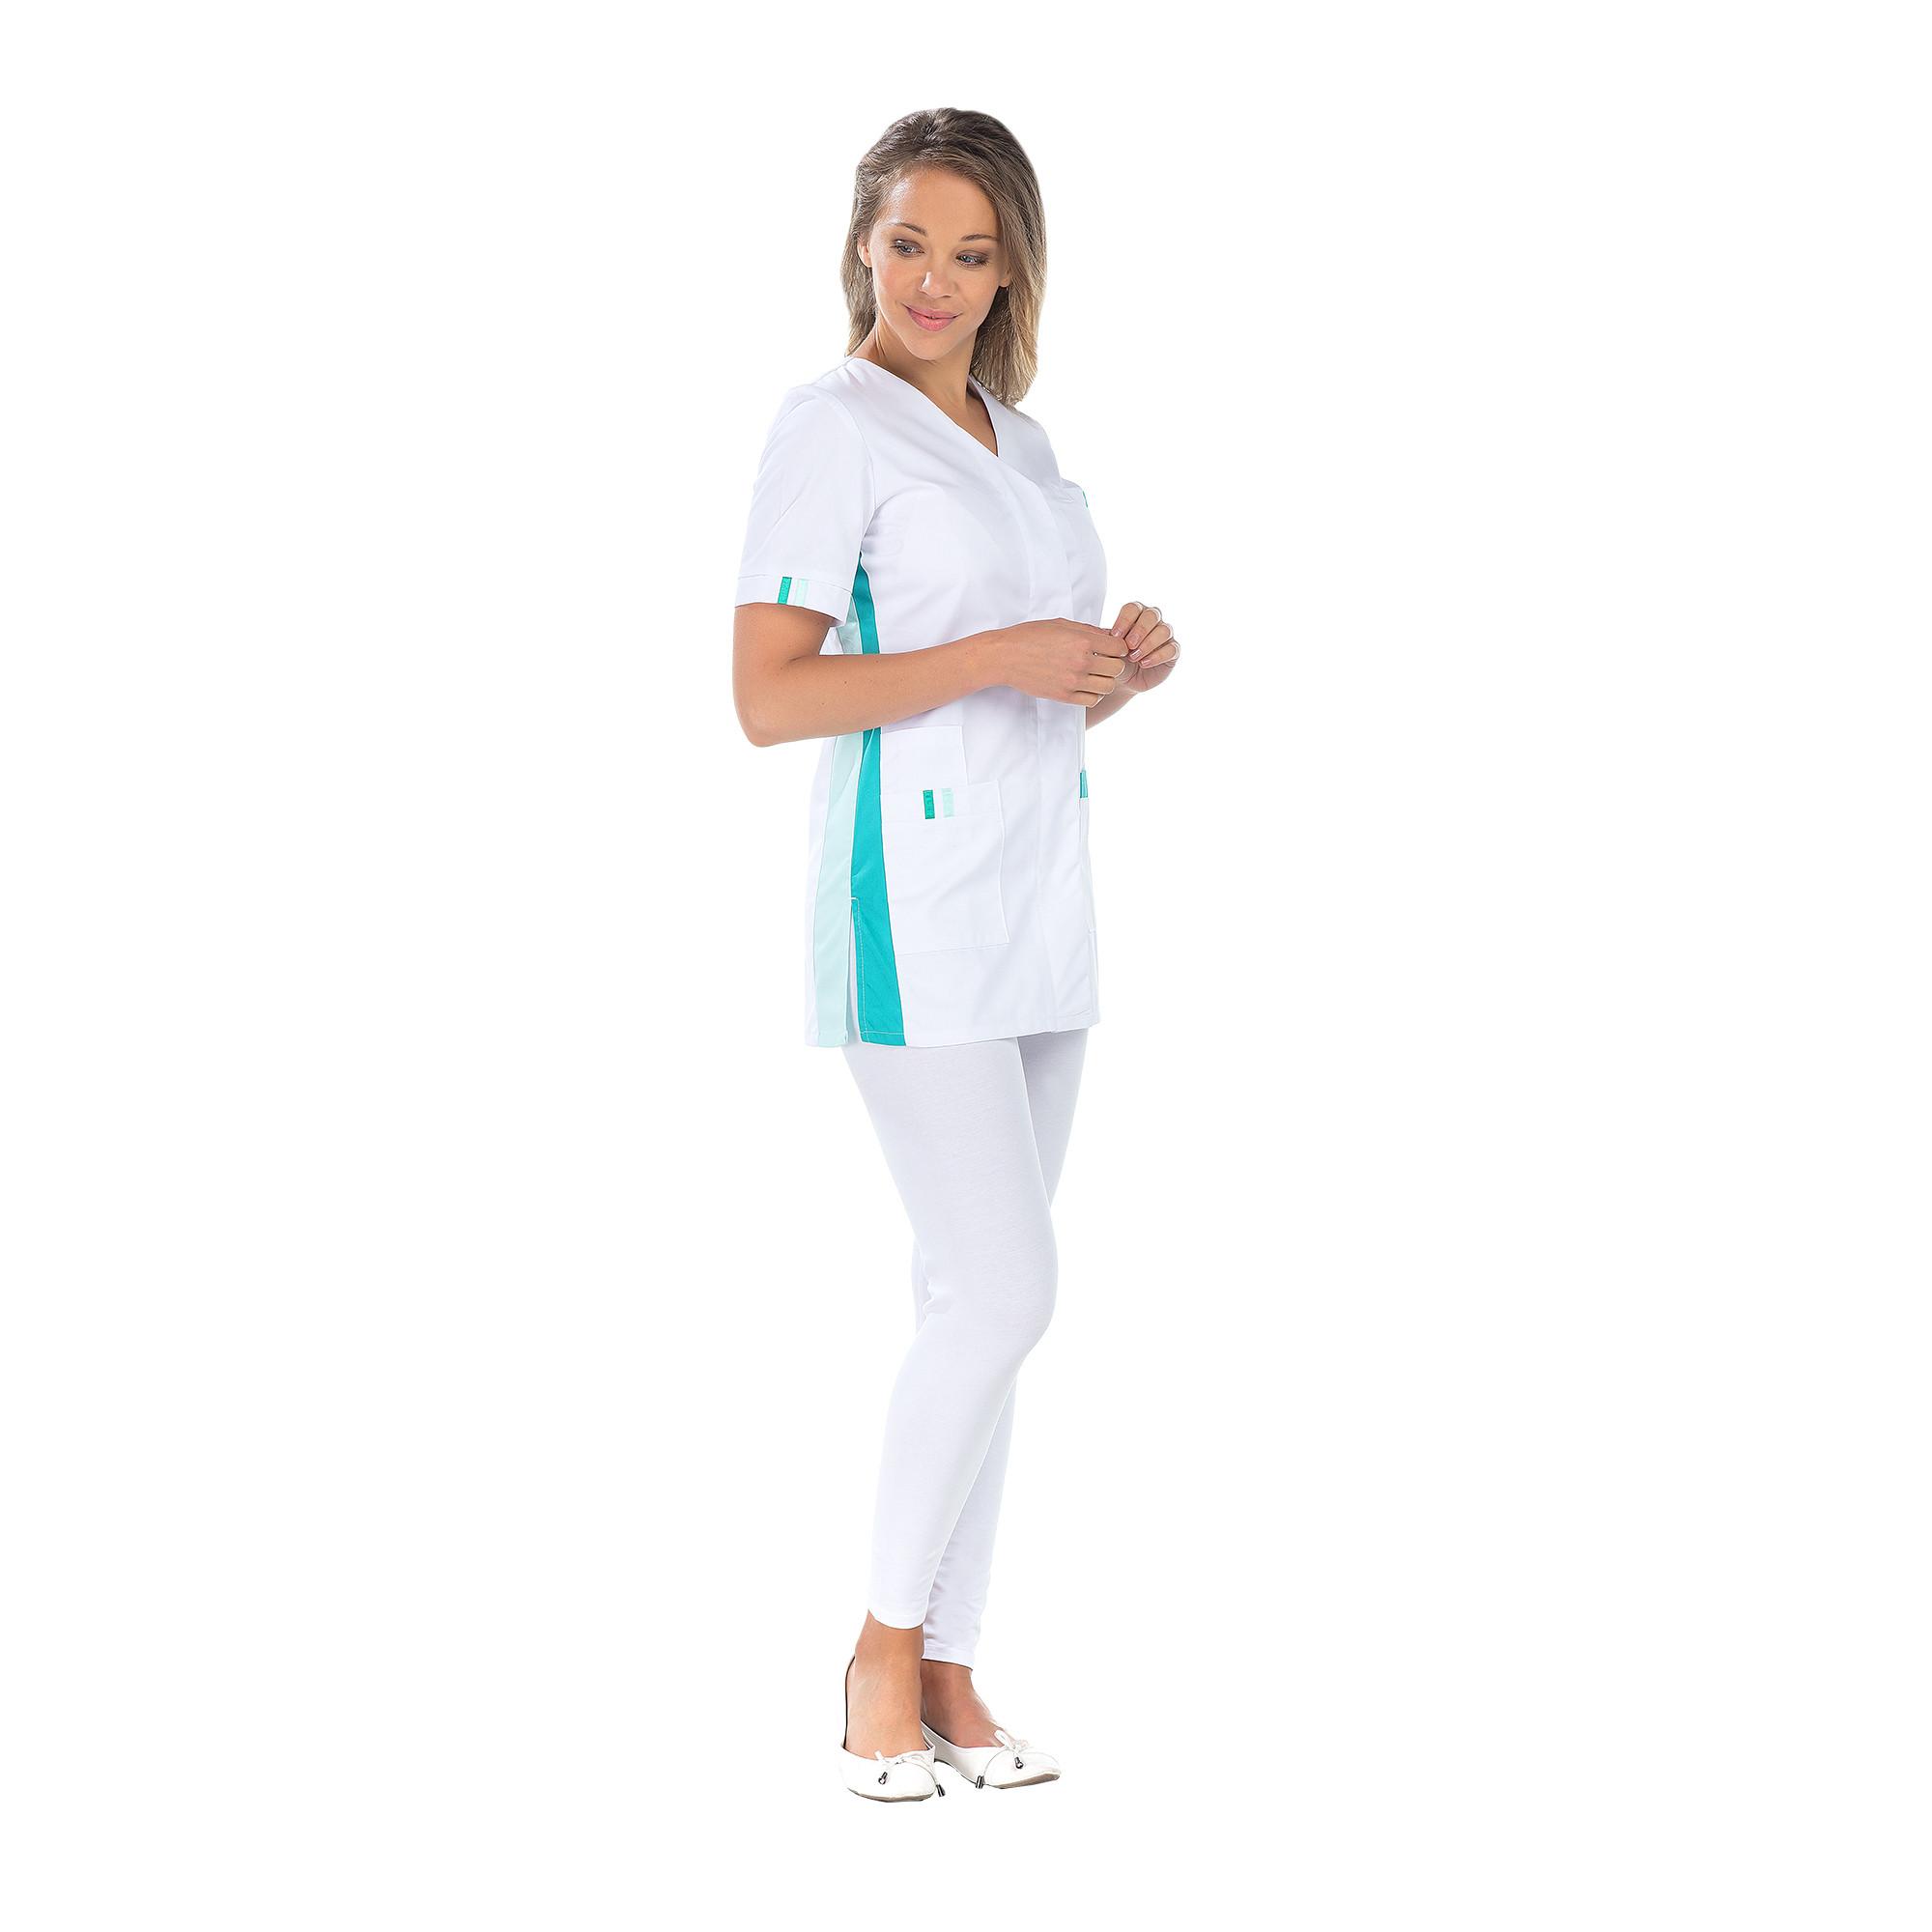 Amélie - Tunique - Manches courtes - Femme - 75 cm